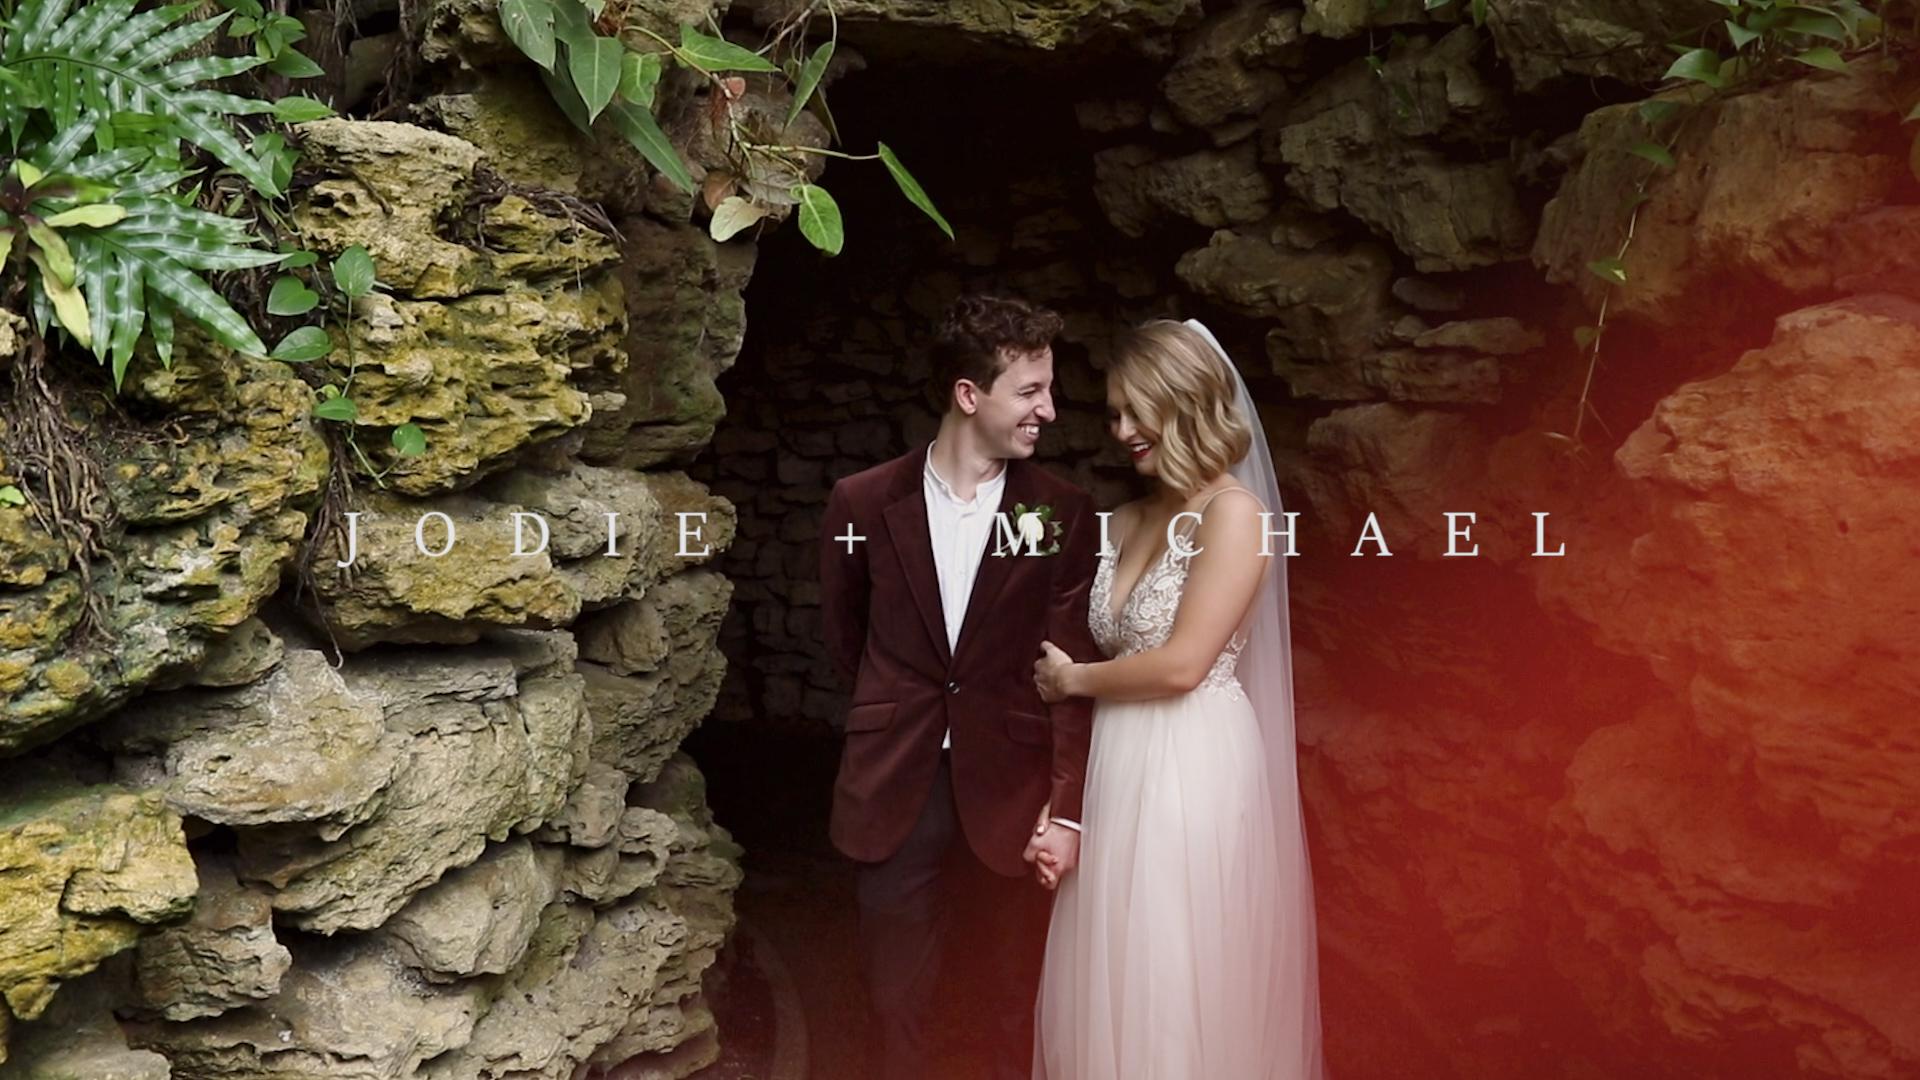 Jodie + Michael | Cincinnati, Kentucky | Rhinegeist